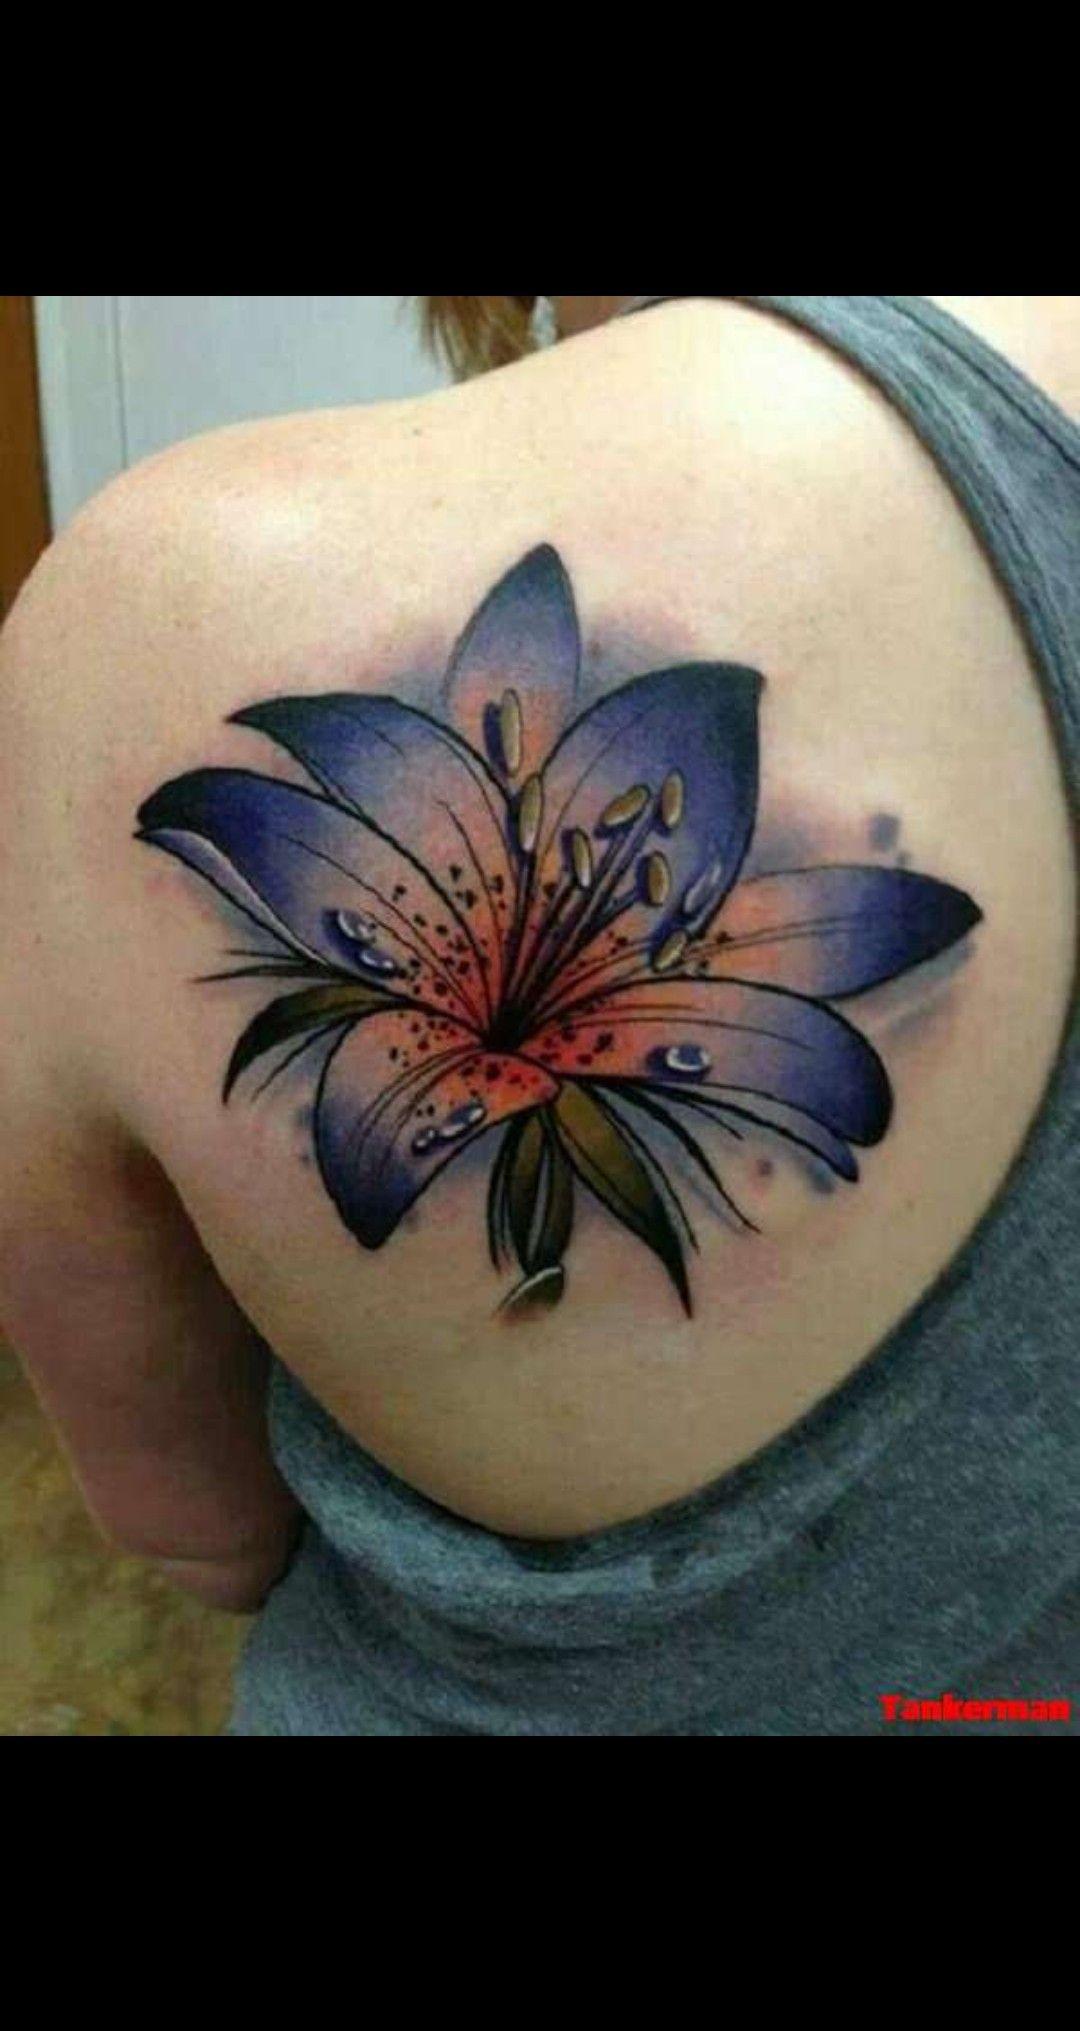 29+ Best Tiger lily tattoo designs ideas